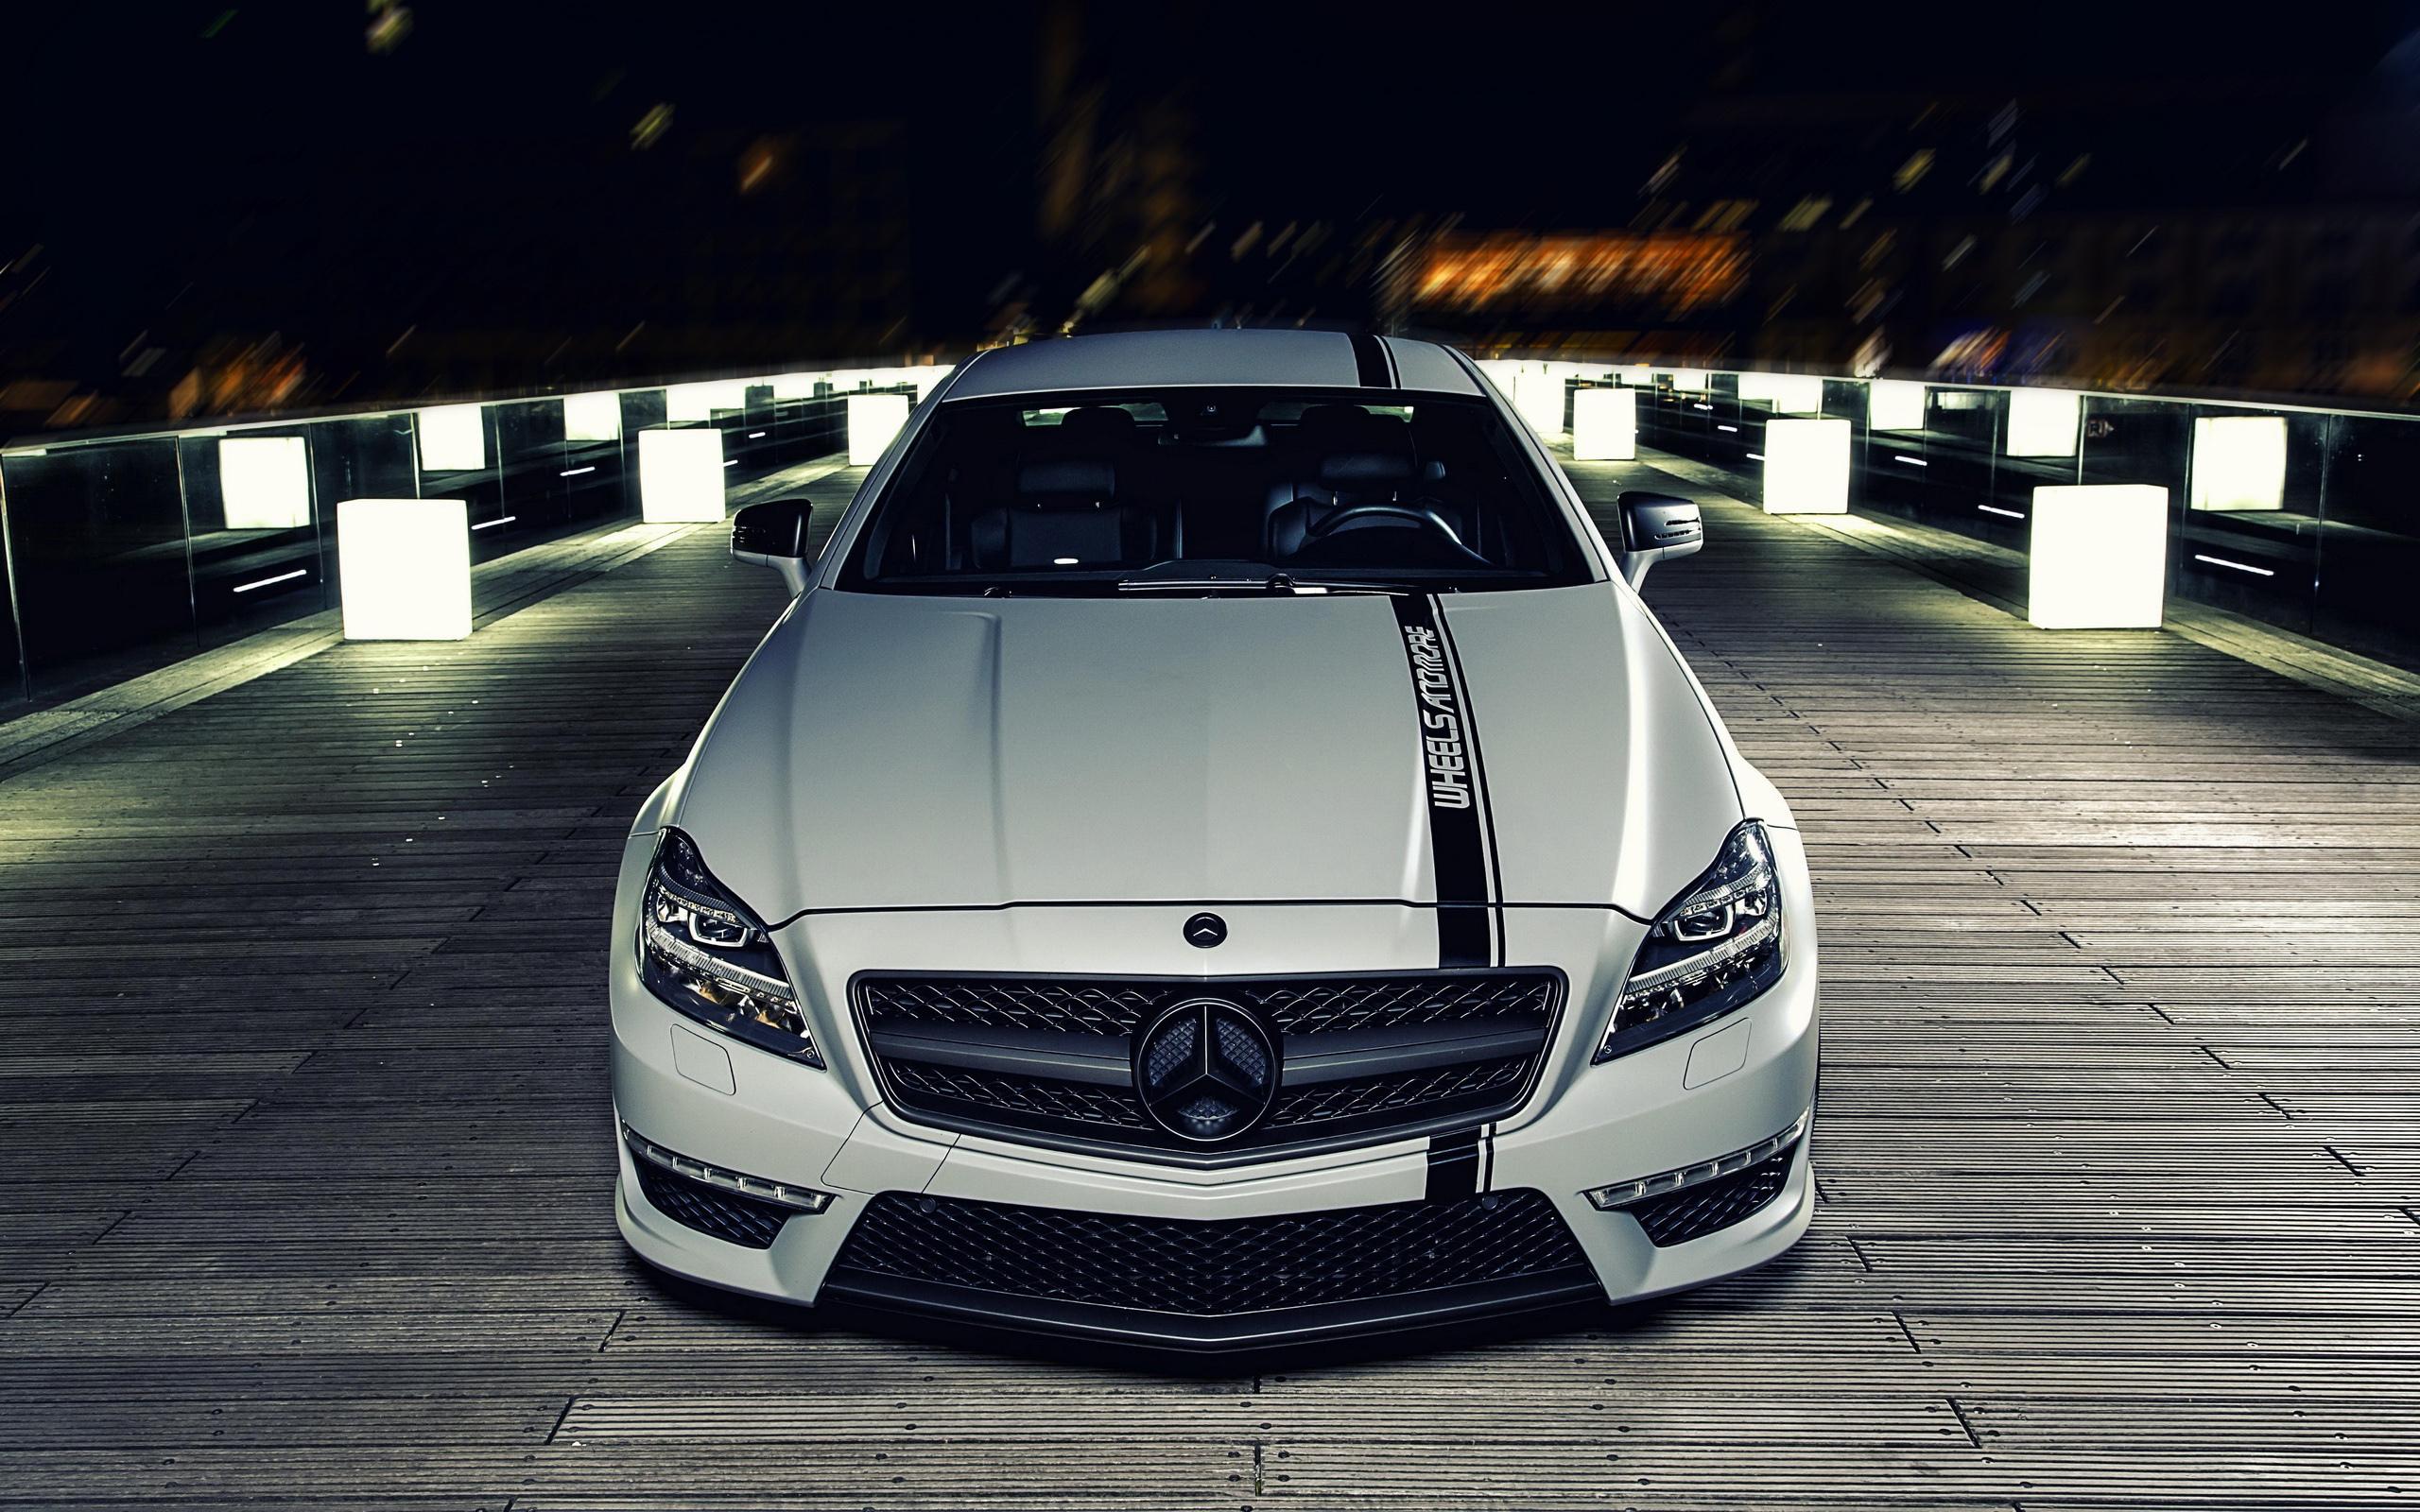 38415 скачать обои Мерседес (Mercedes), Машины, Транспорт - заставки и картинки бесплатно